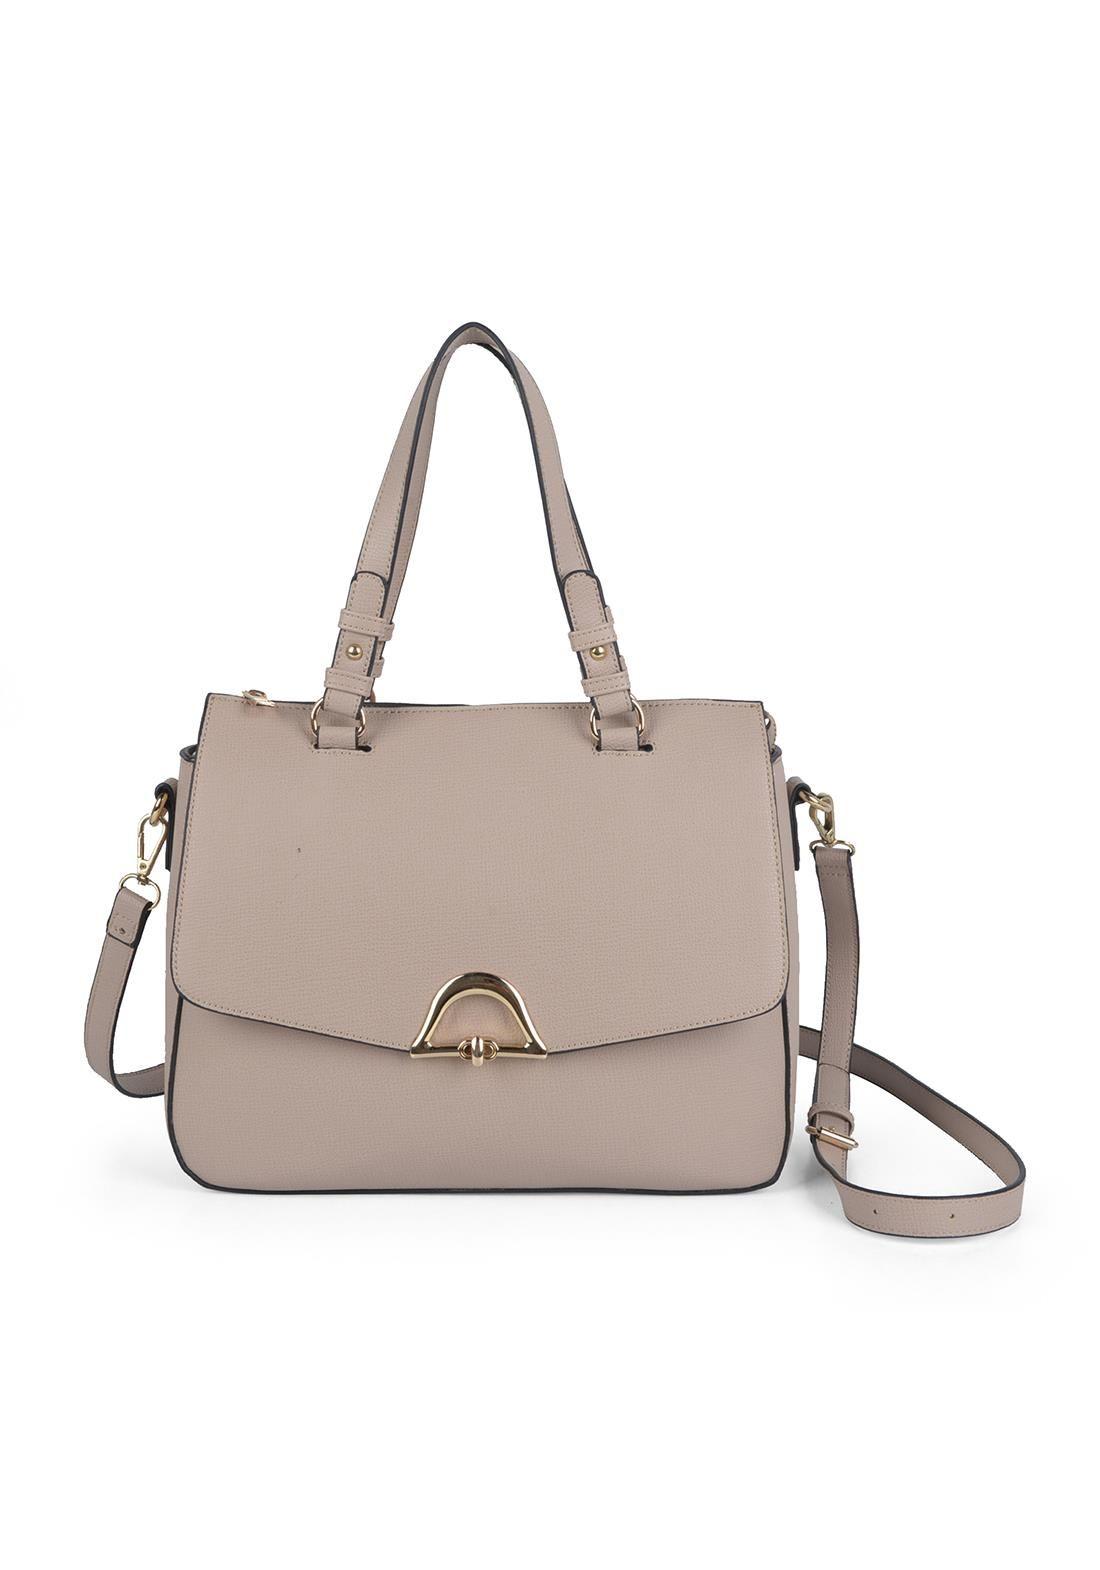 48410059d Bolsa gash bg71195 | Bolsas | Bags, Fashion, Tops